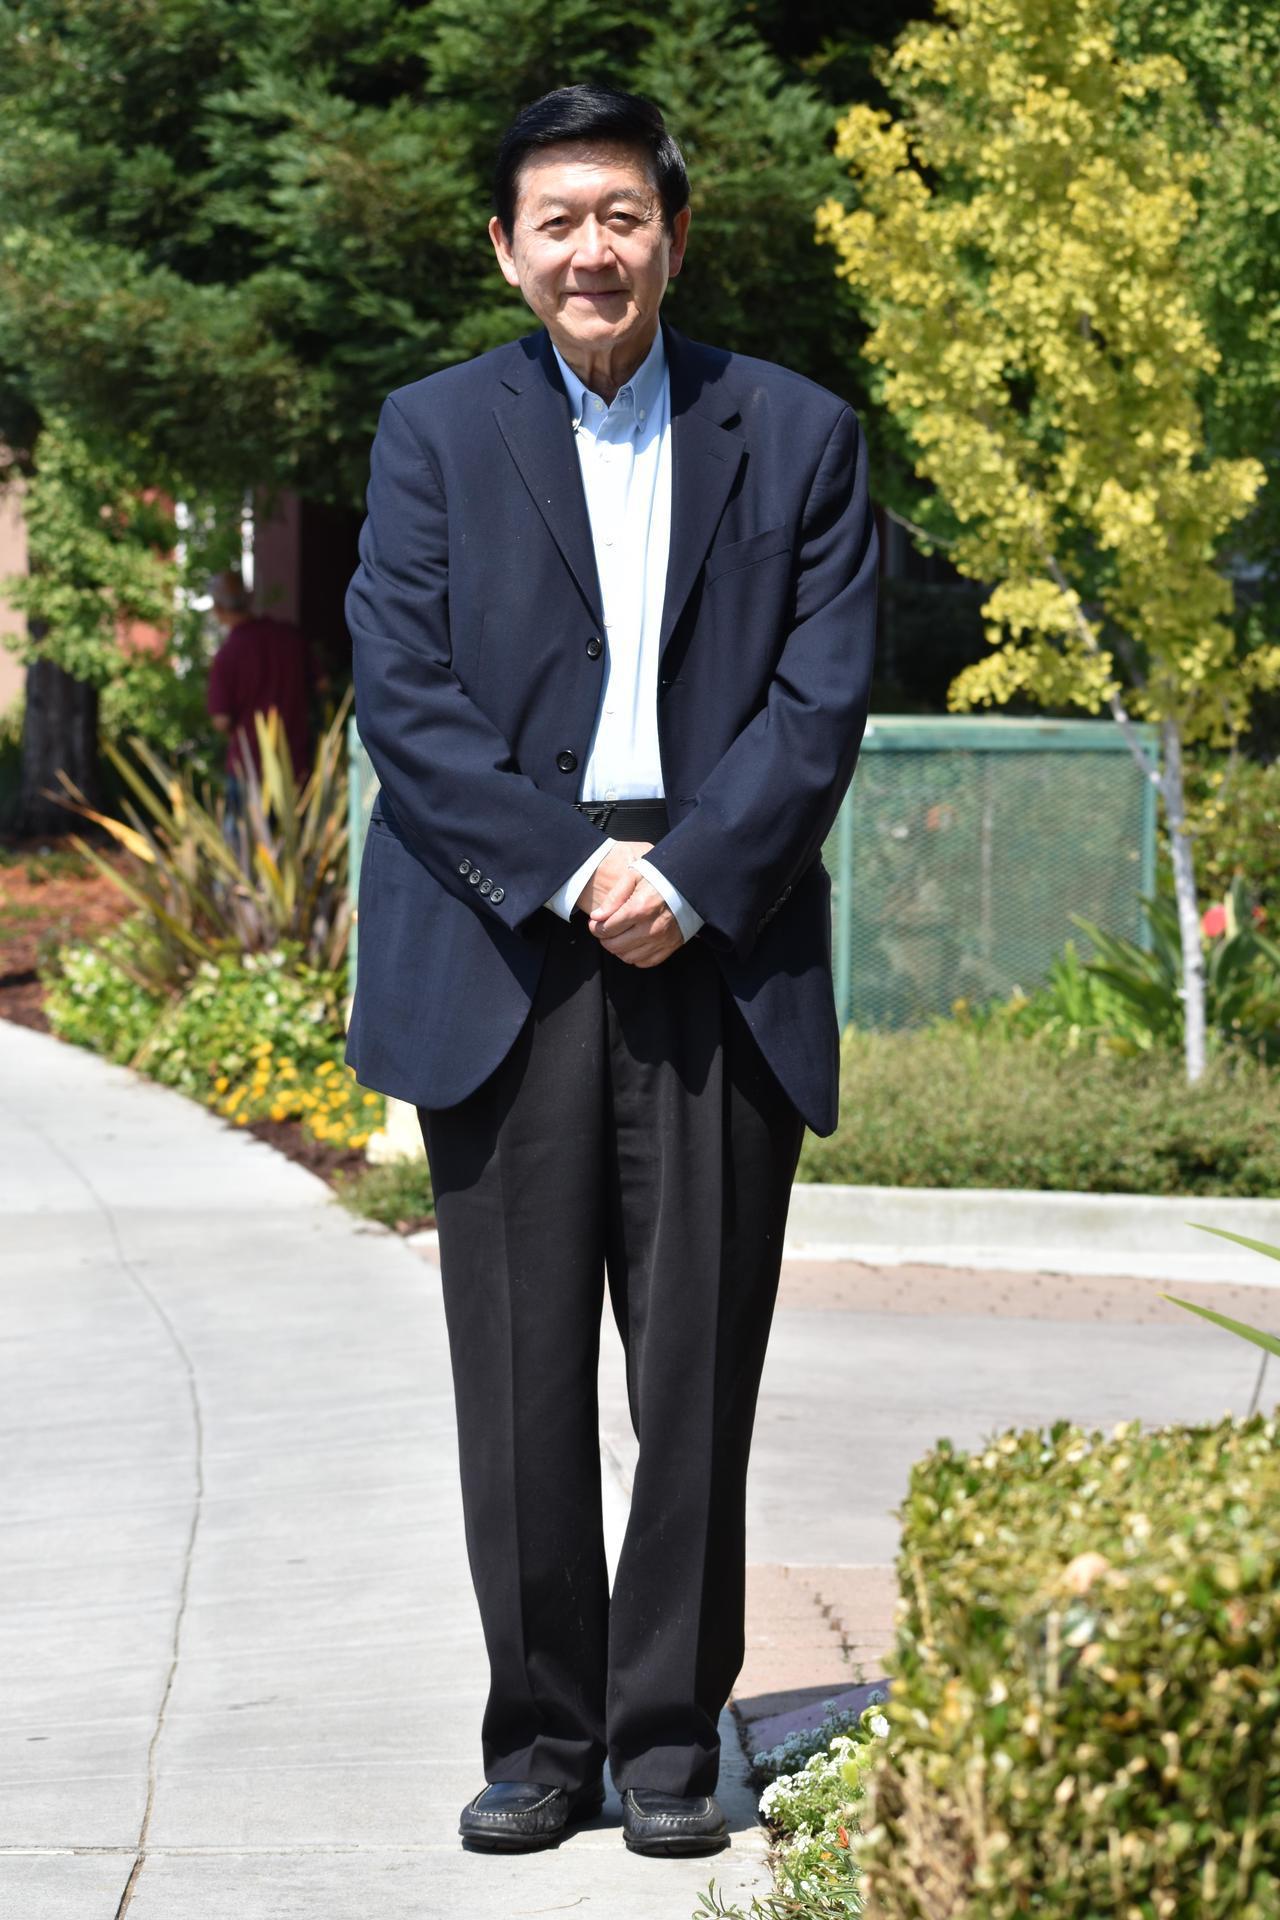 華埠兒科醫師李家仁在行醫50年後退休。 世界日報記者李秀蘭/攝影